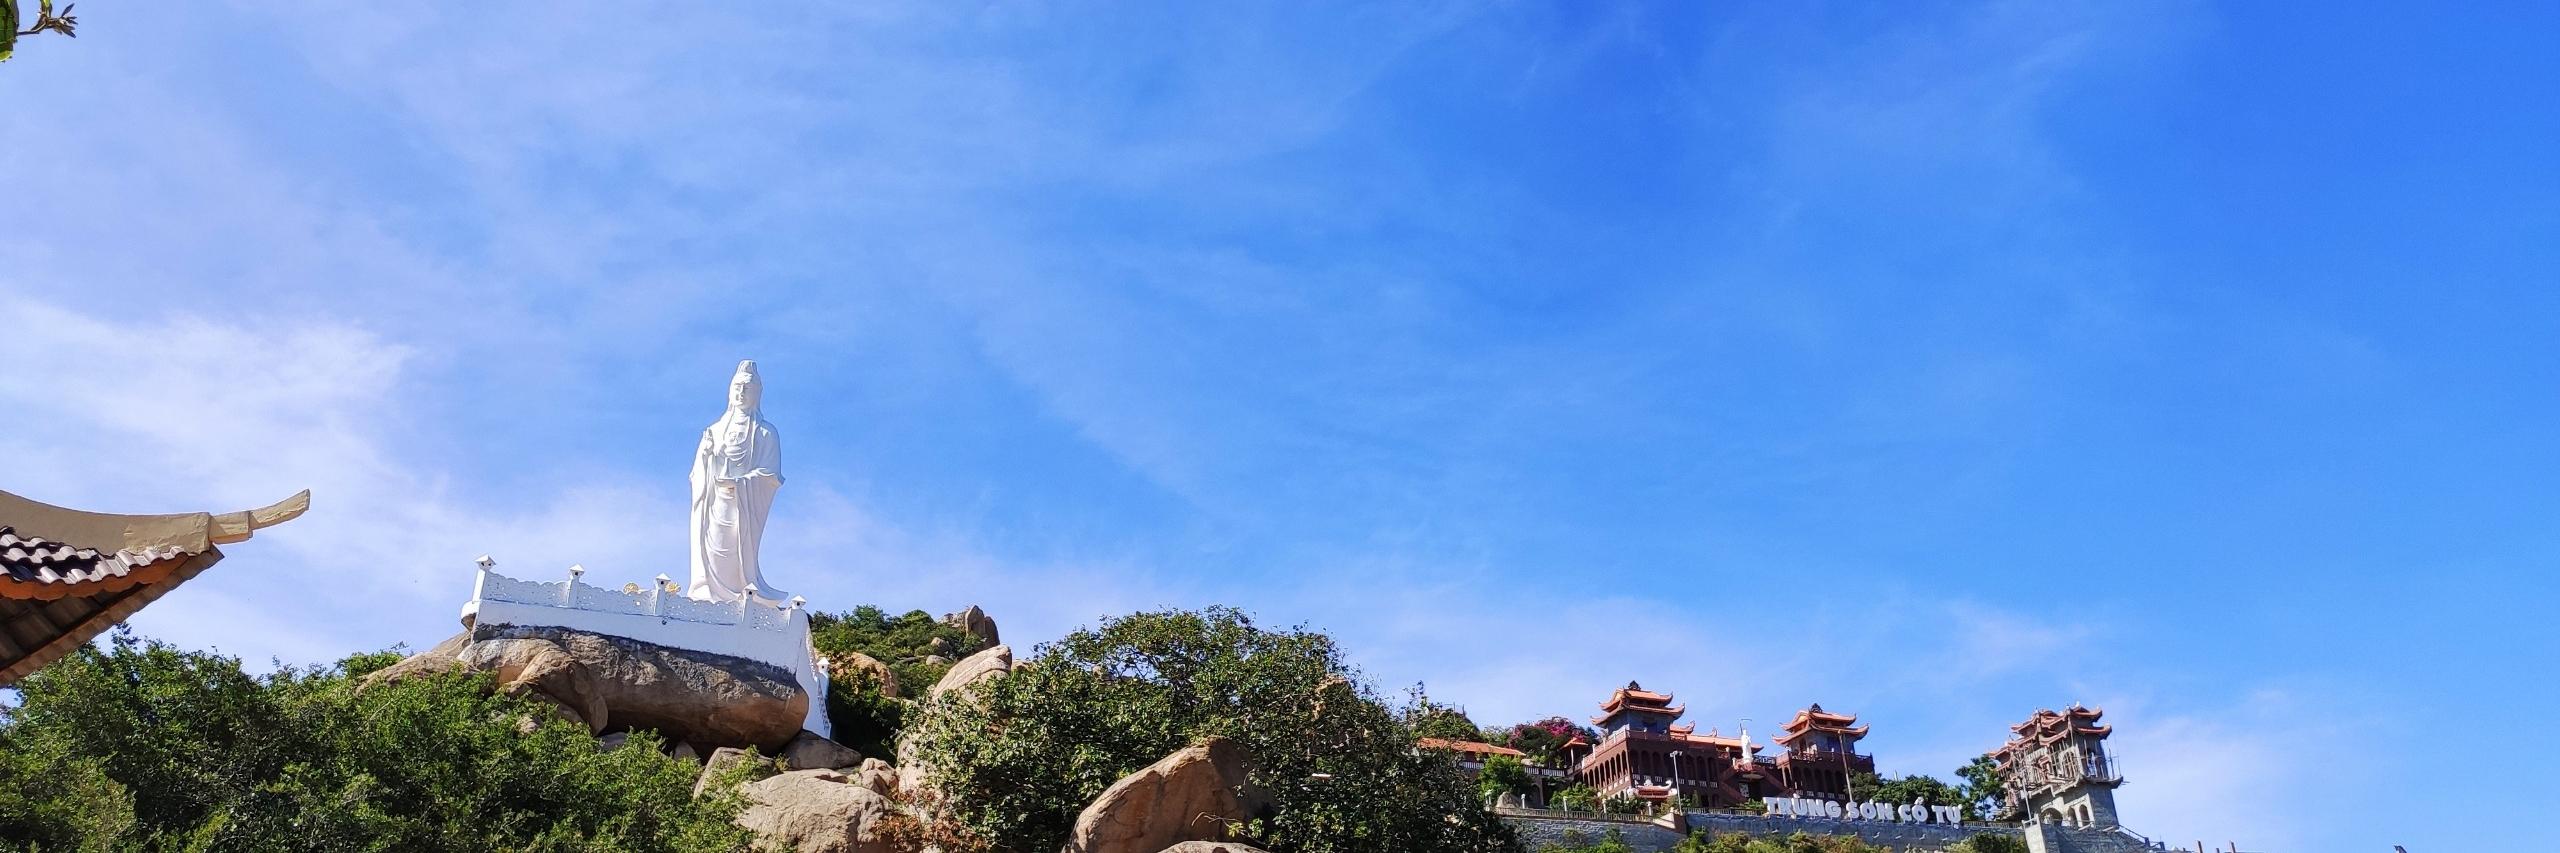 https://gody.vn/blog/kimshura6976/post/to-di-lai-nha-trang-nhung-lan-nay-di-voi-gau-t122019-7579